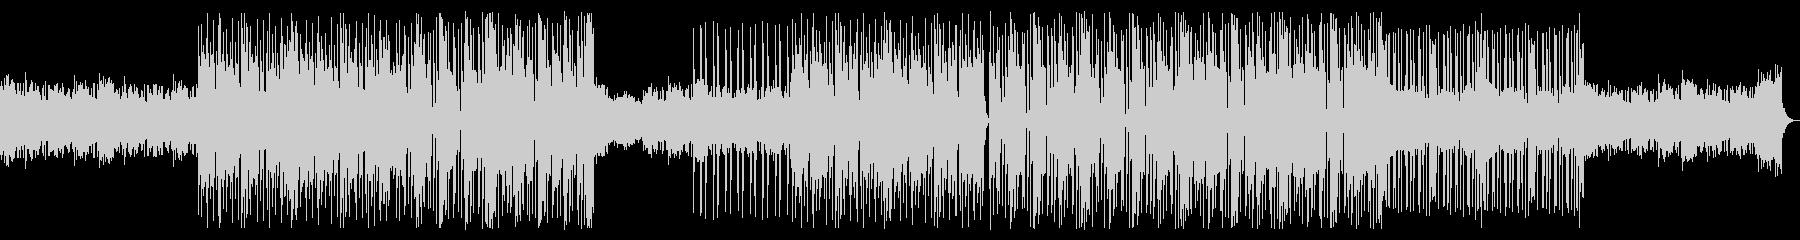 シンプルなドラムンベースの未再生の波形